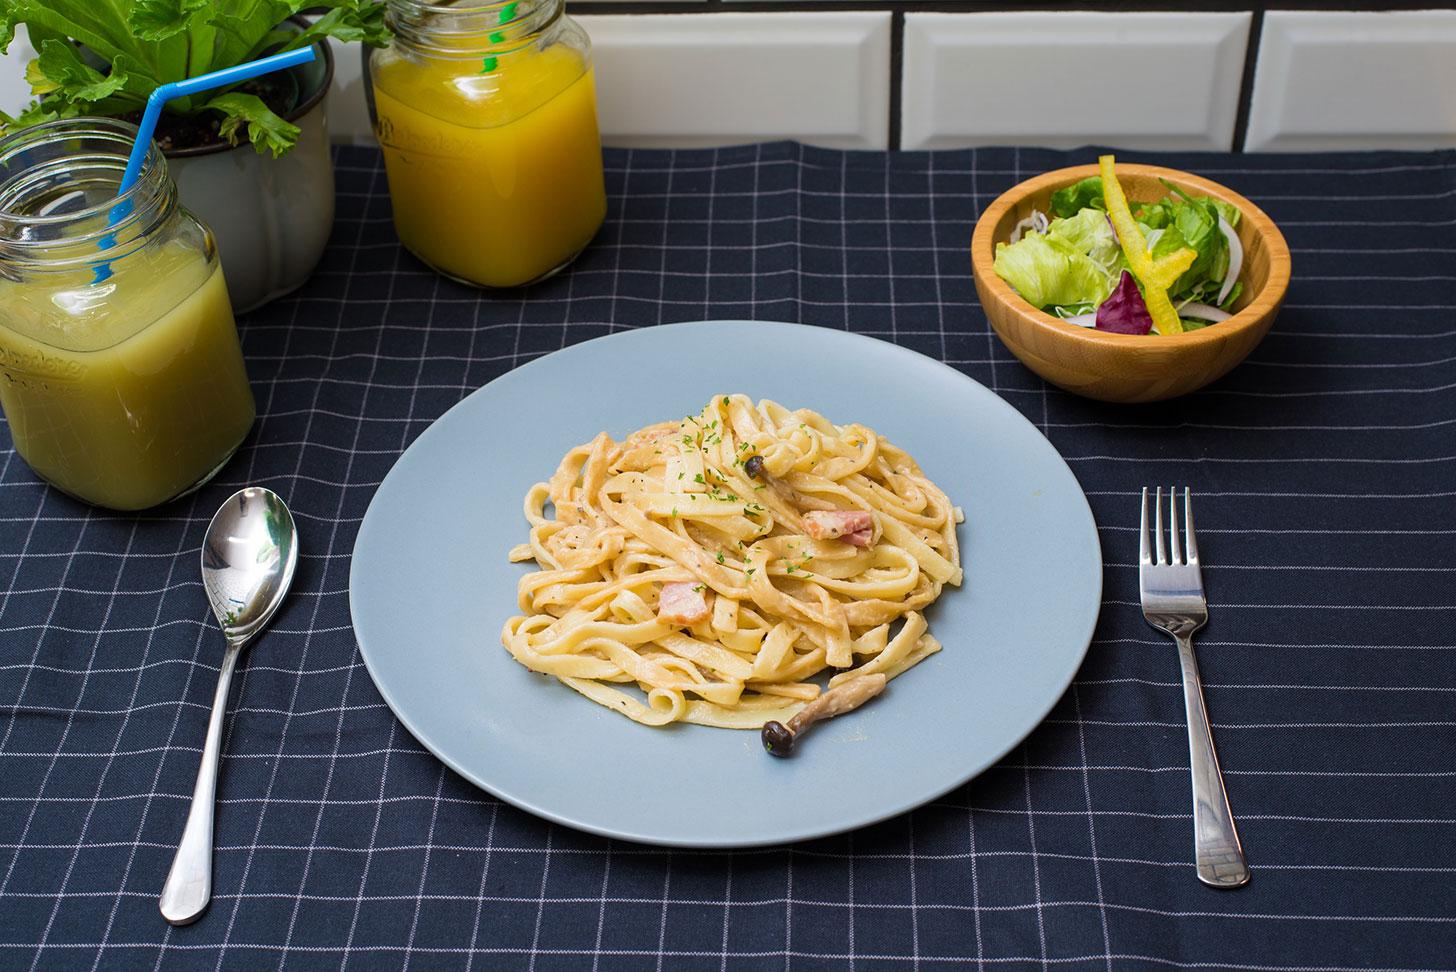 クリーミーボロネーゼパスタ サラダ付き+ドリンク